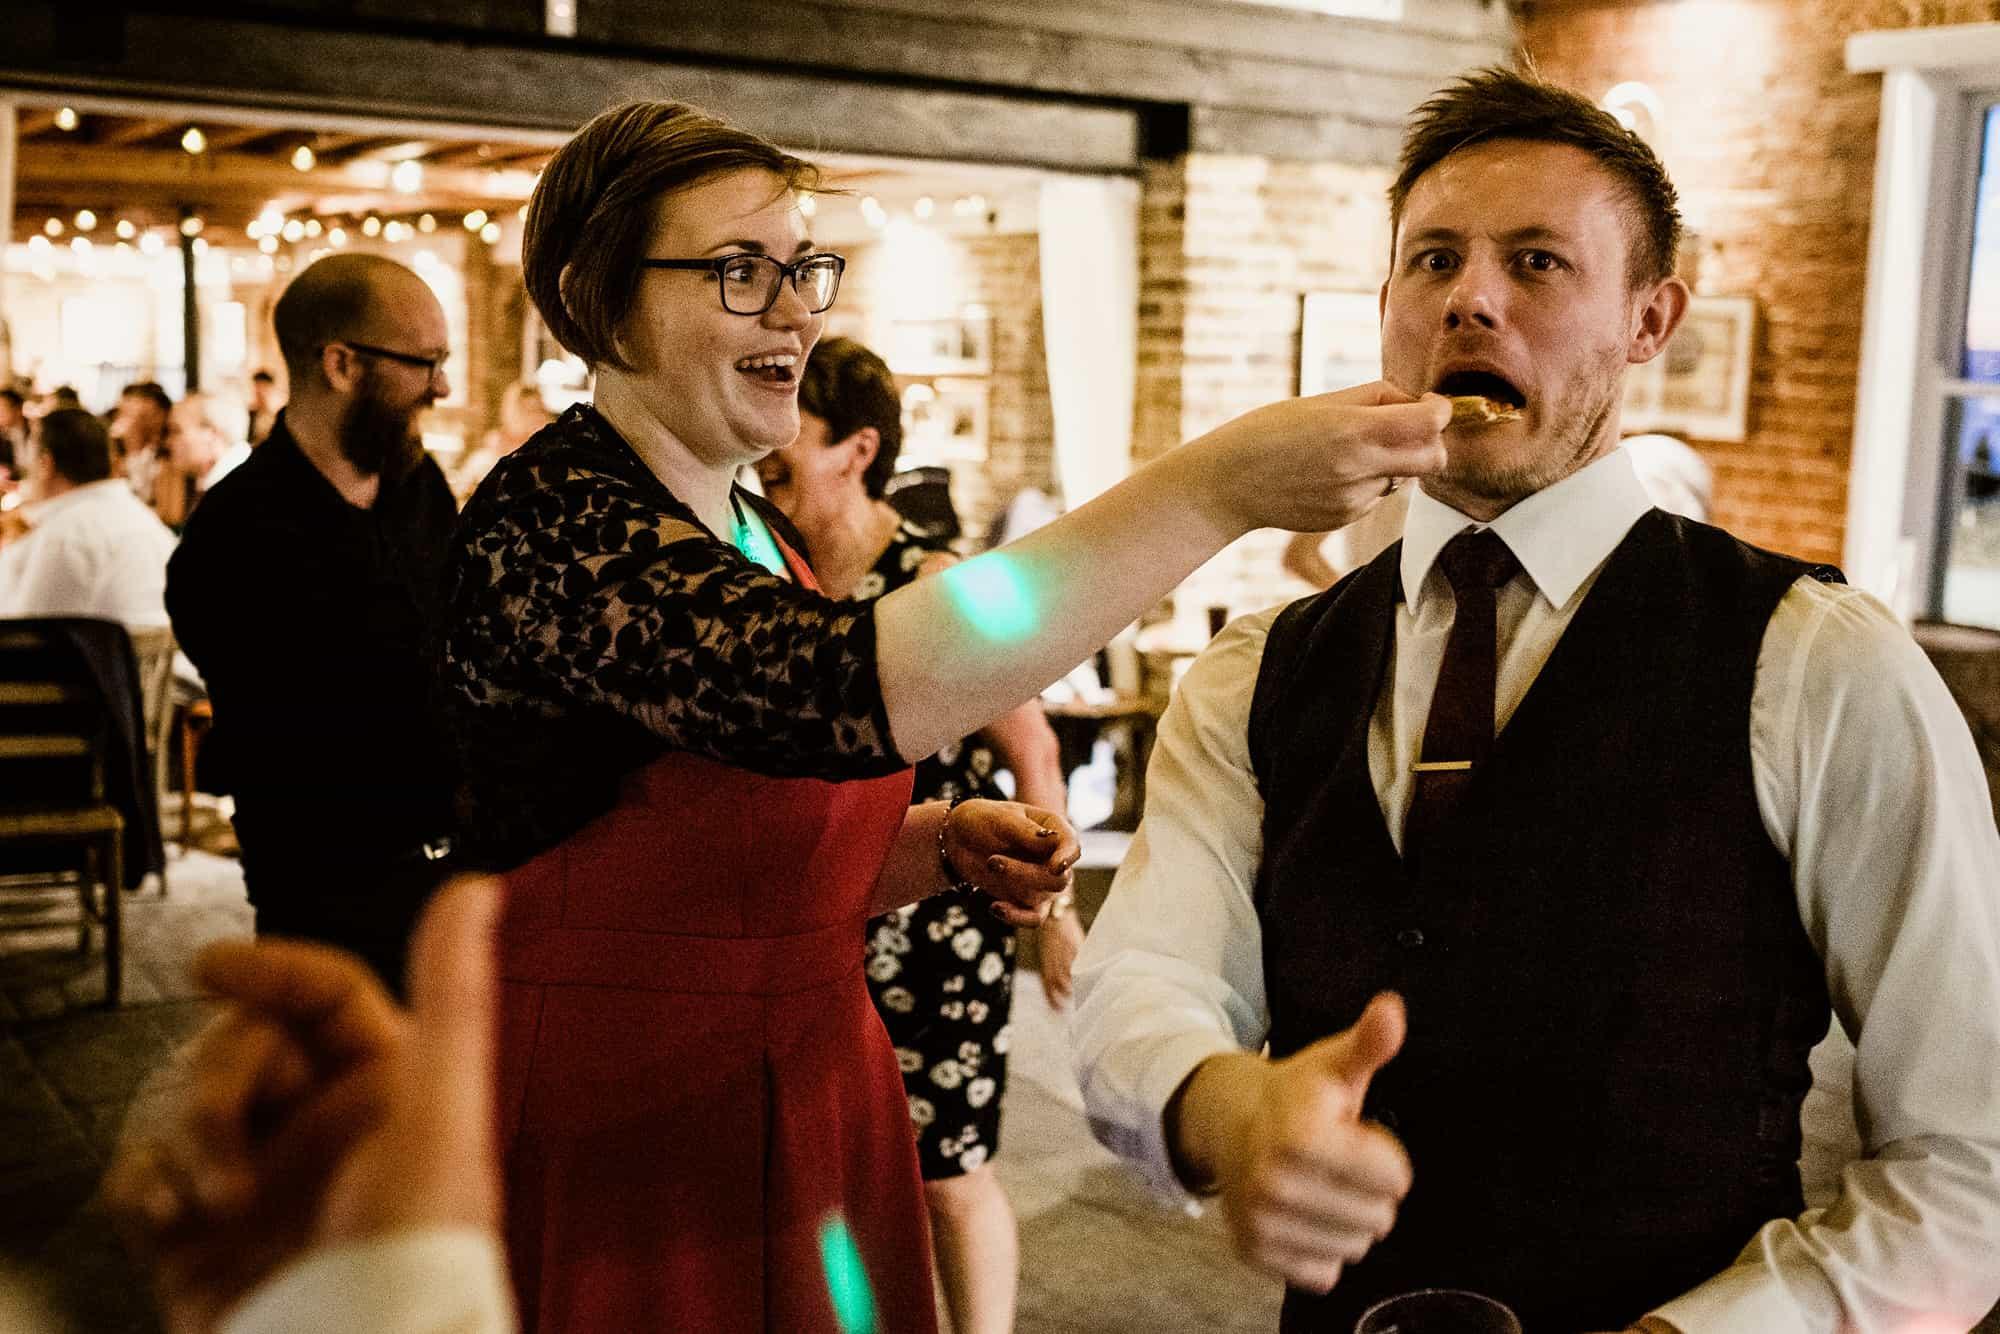 east-quay-wedding-photographer-matt-tyler-0100